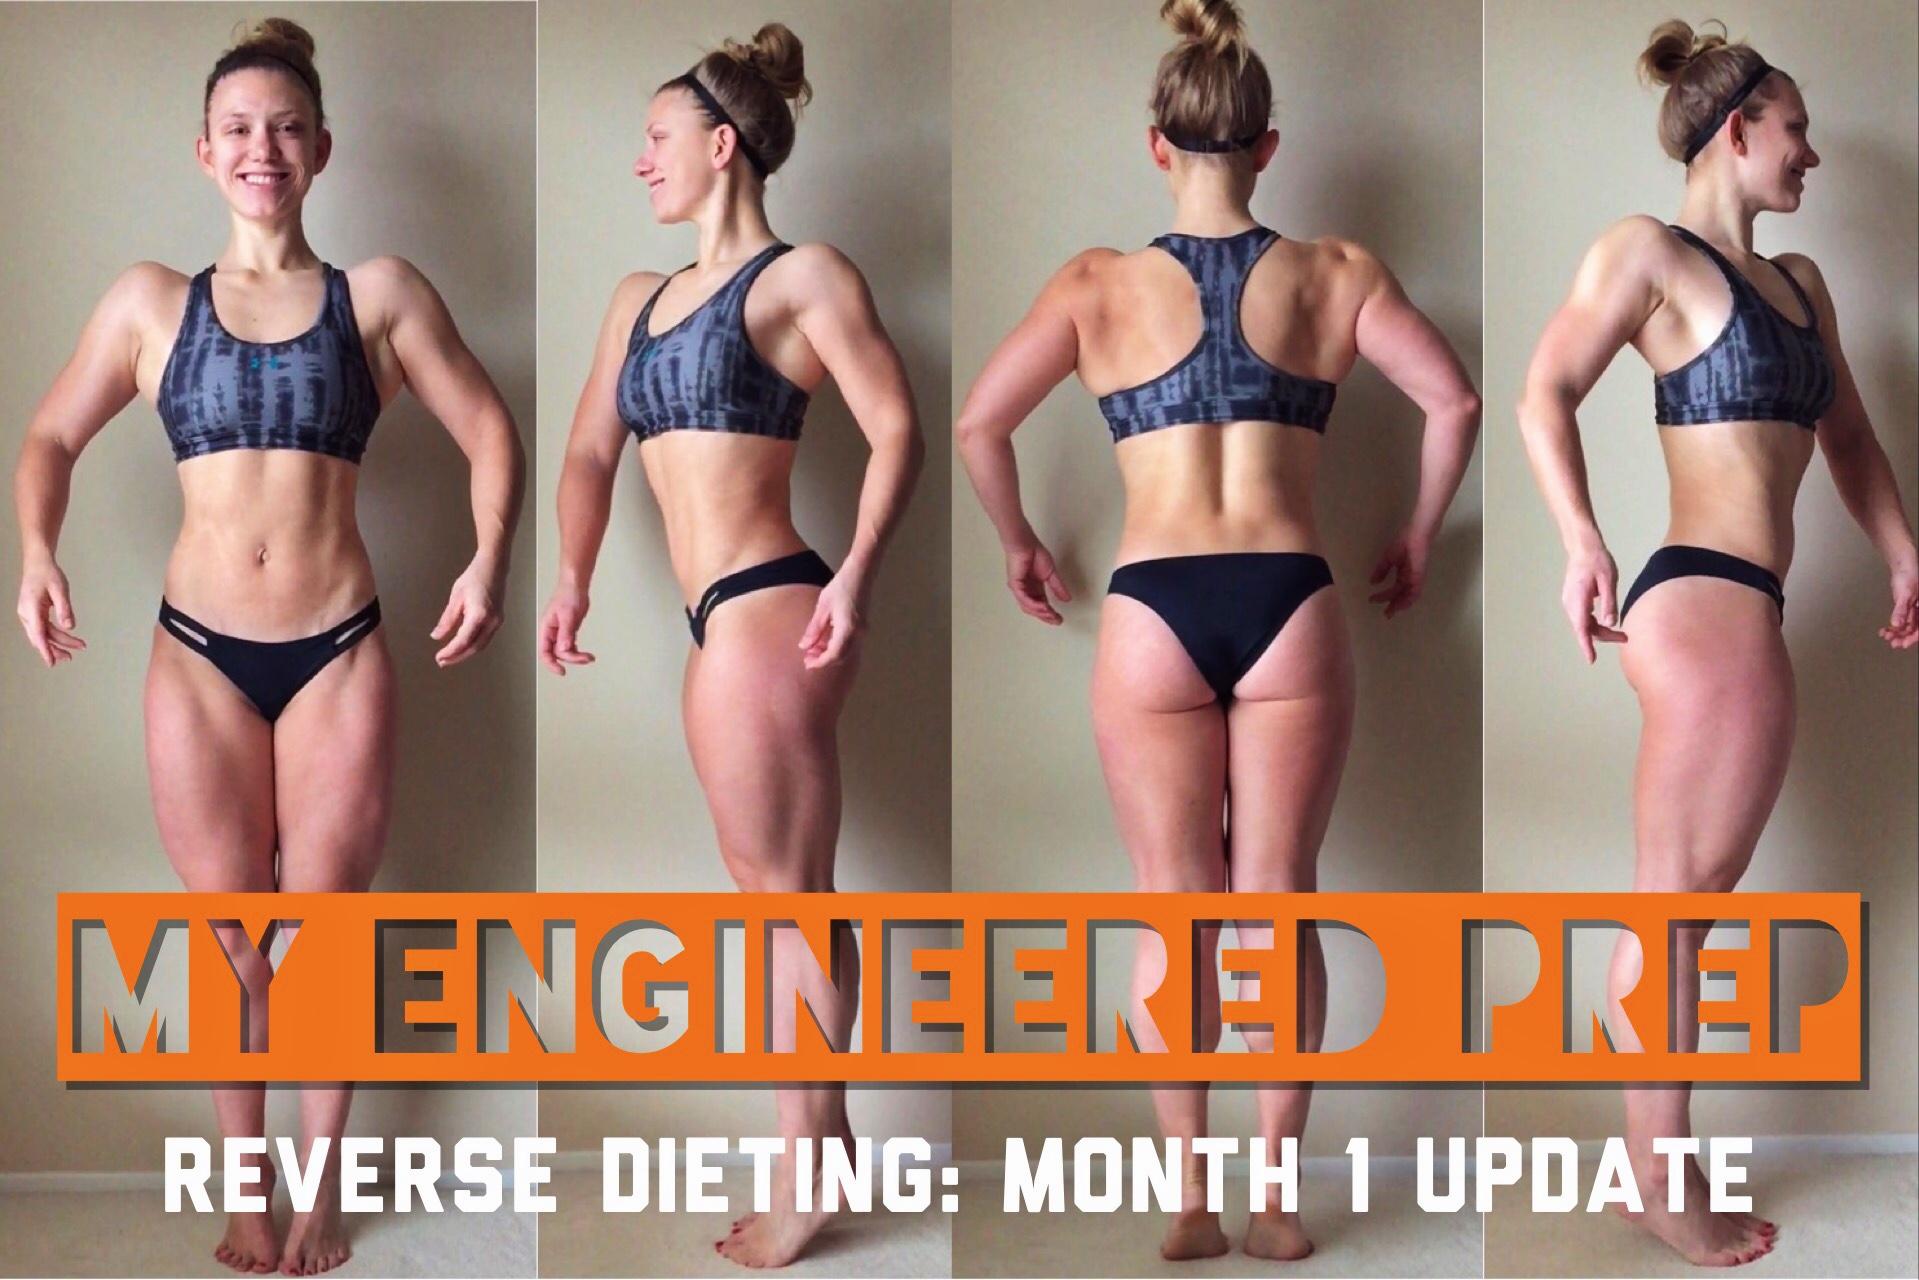 Reverse Diet - Month 1 Update | My Engineered Nutrition